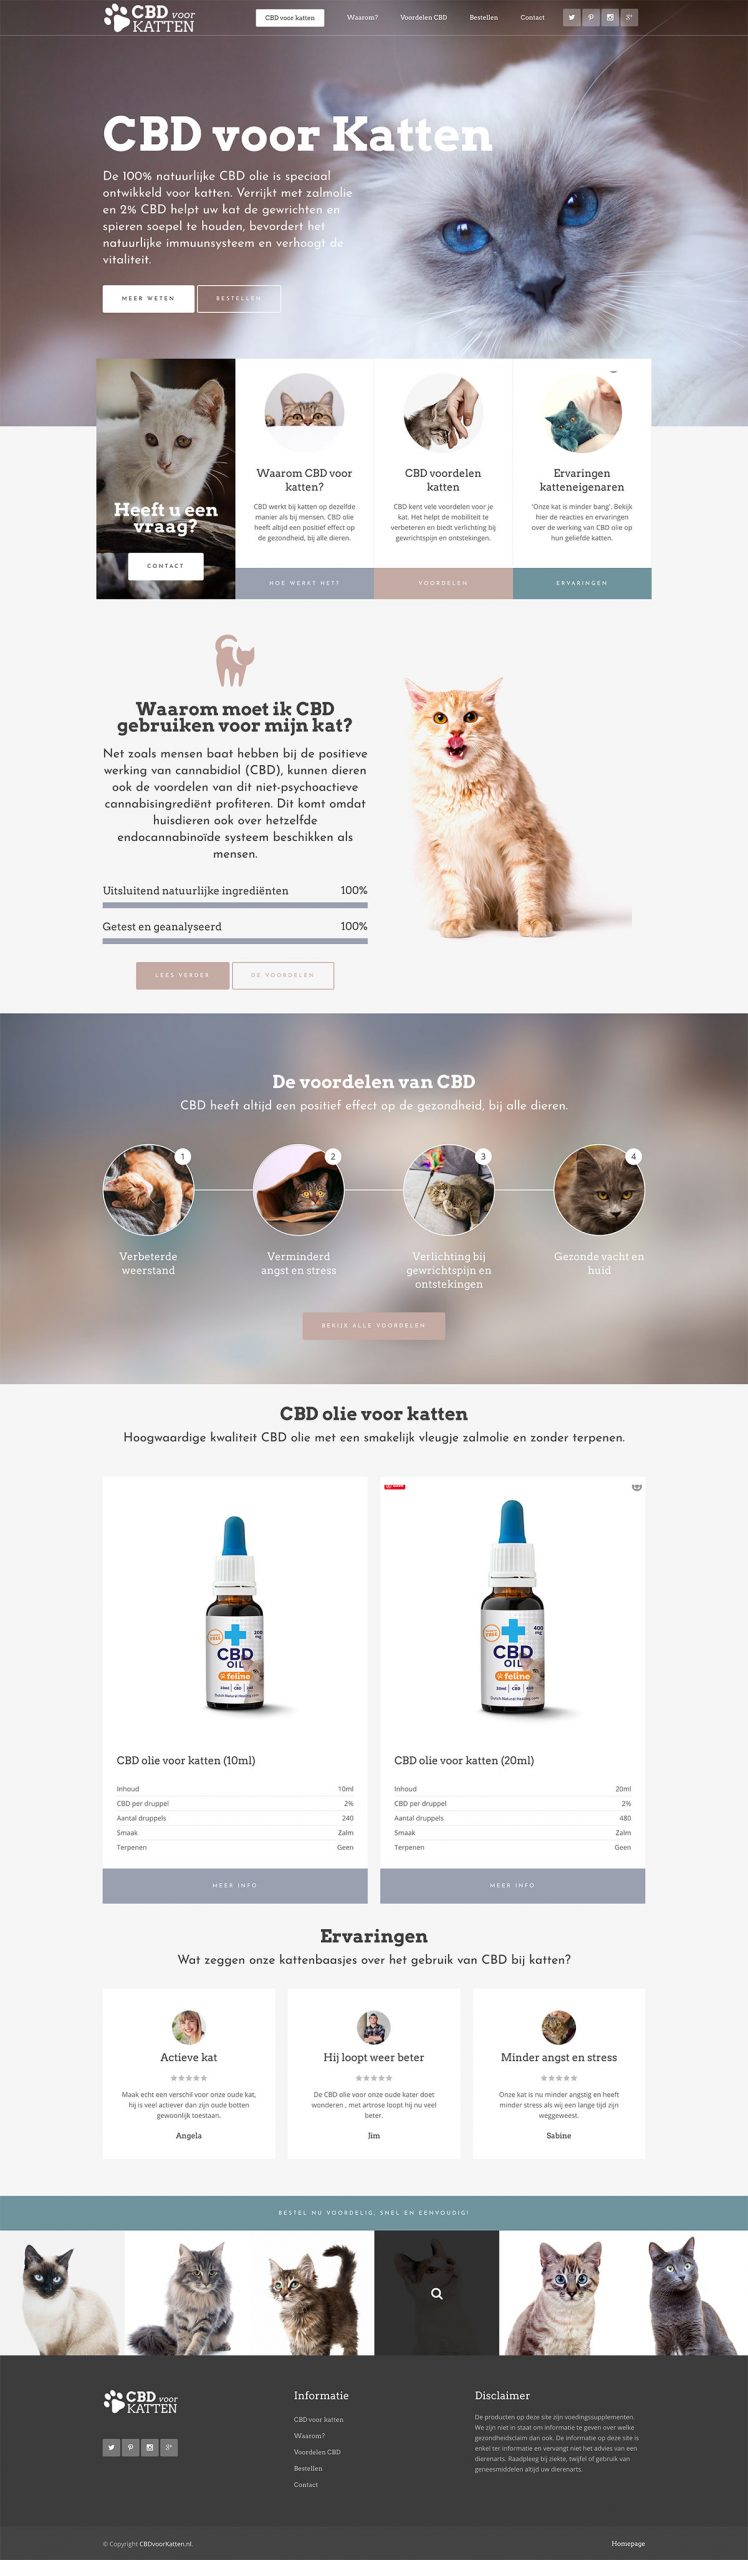 CBD voor katten website